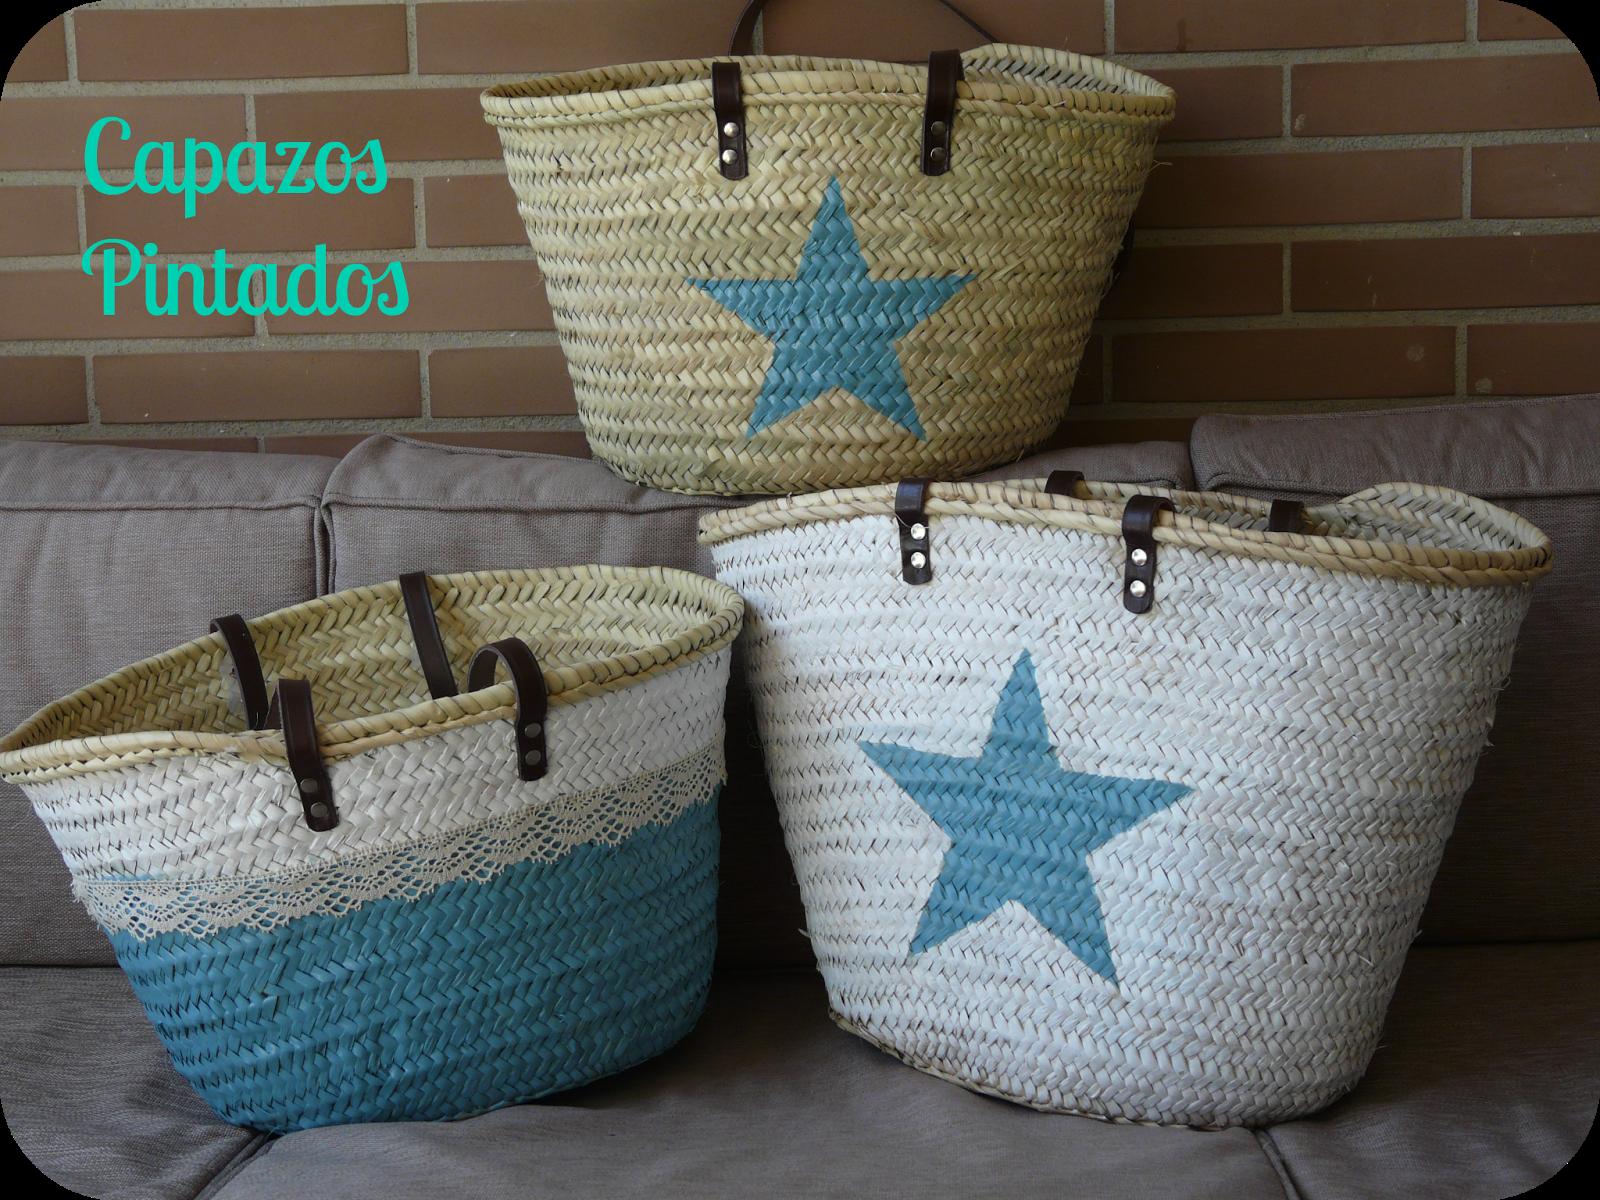 Capazos pintados capazos y cestas pinterest pintar los blancos y cestas - Capazo mimbre playa ...